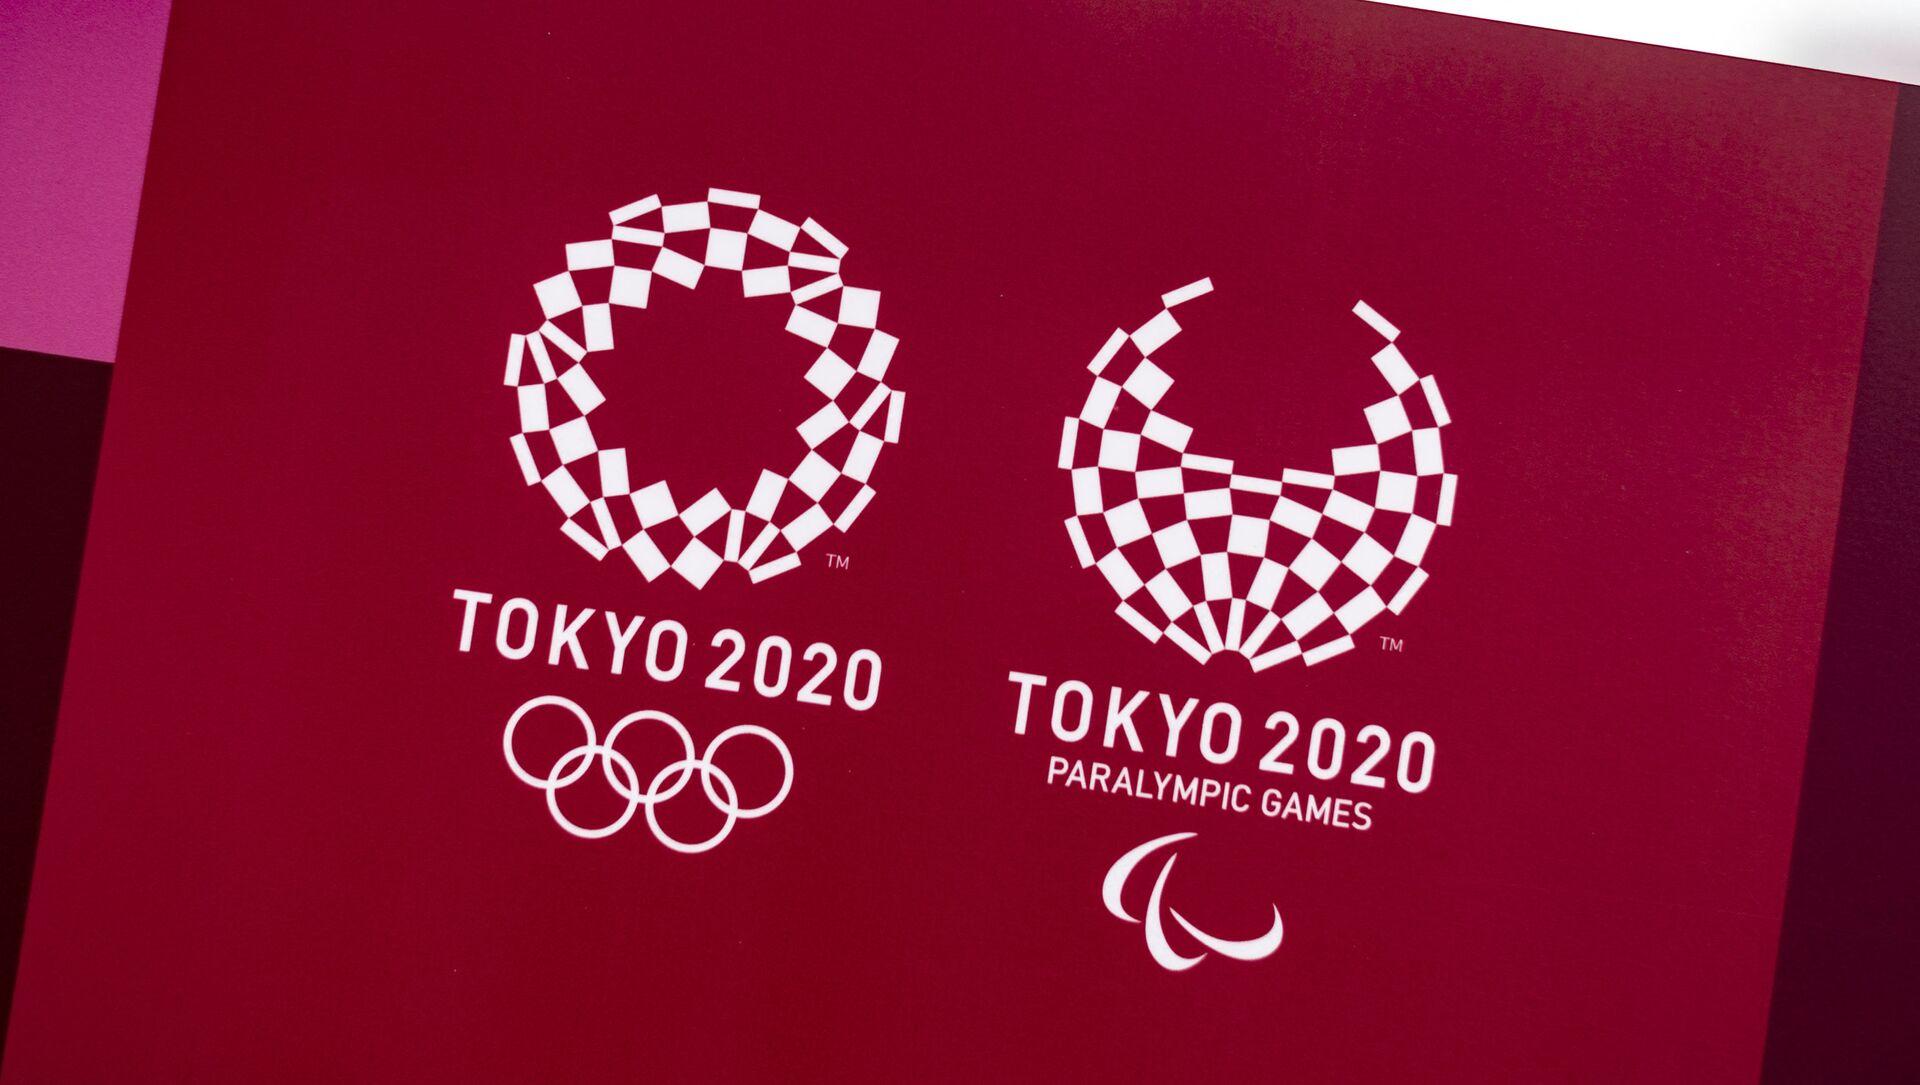 Jeux olympiques de Tokyo - Sputnik France, 1920, 22.03.2021